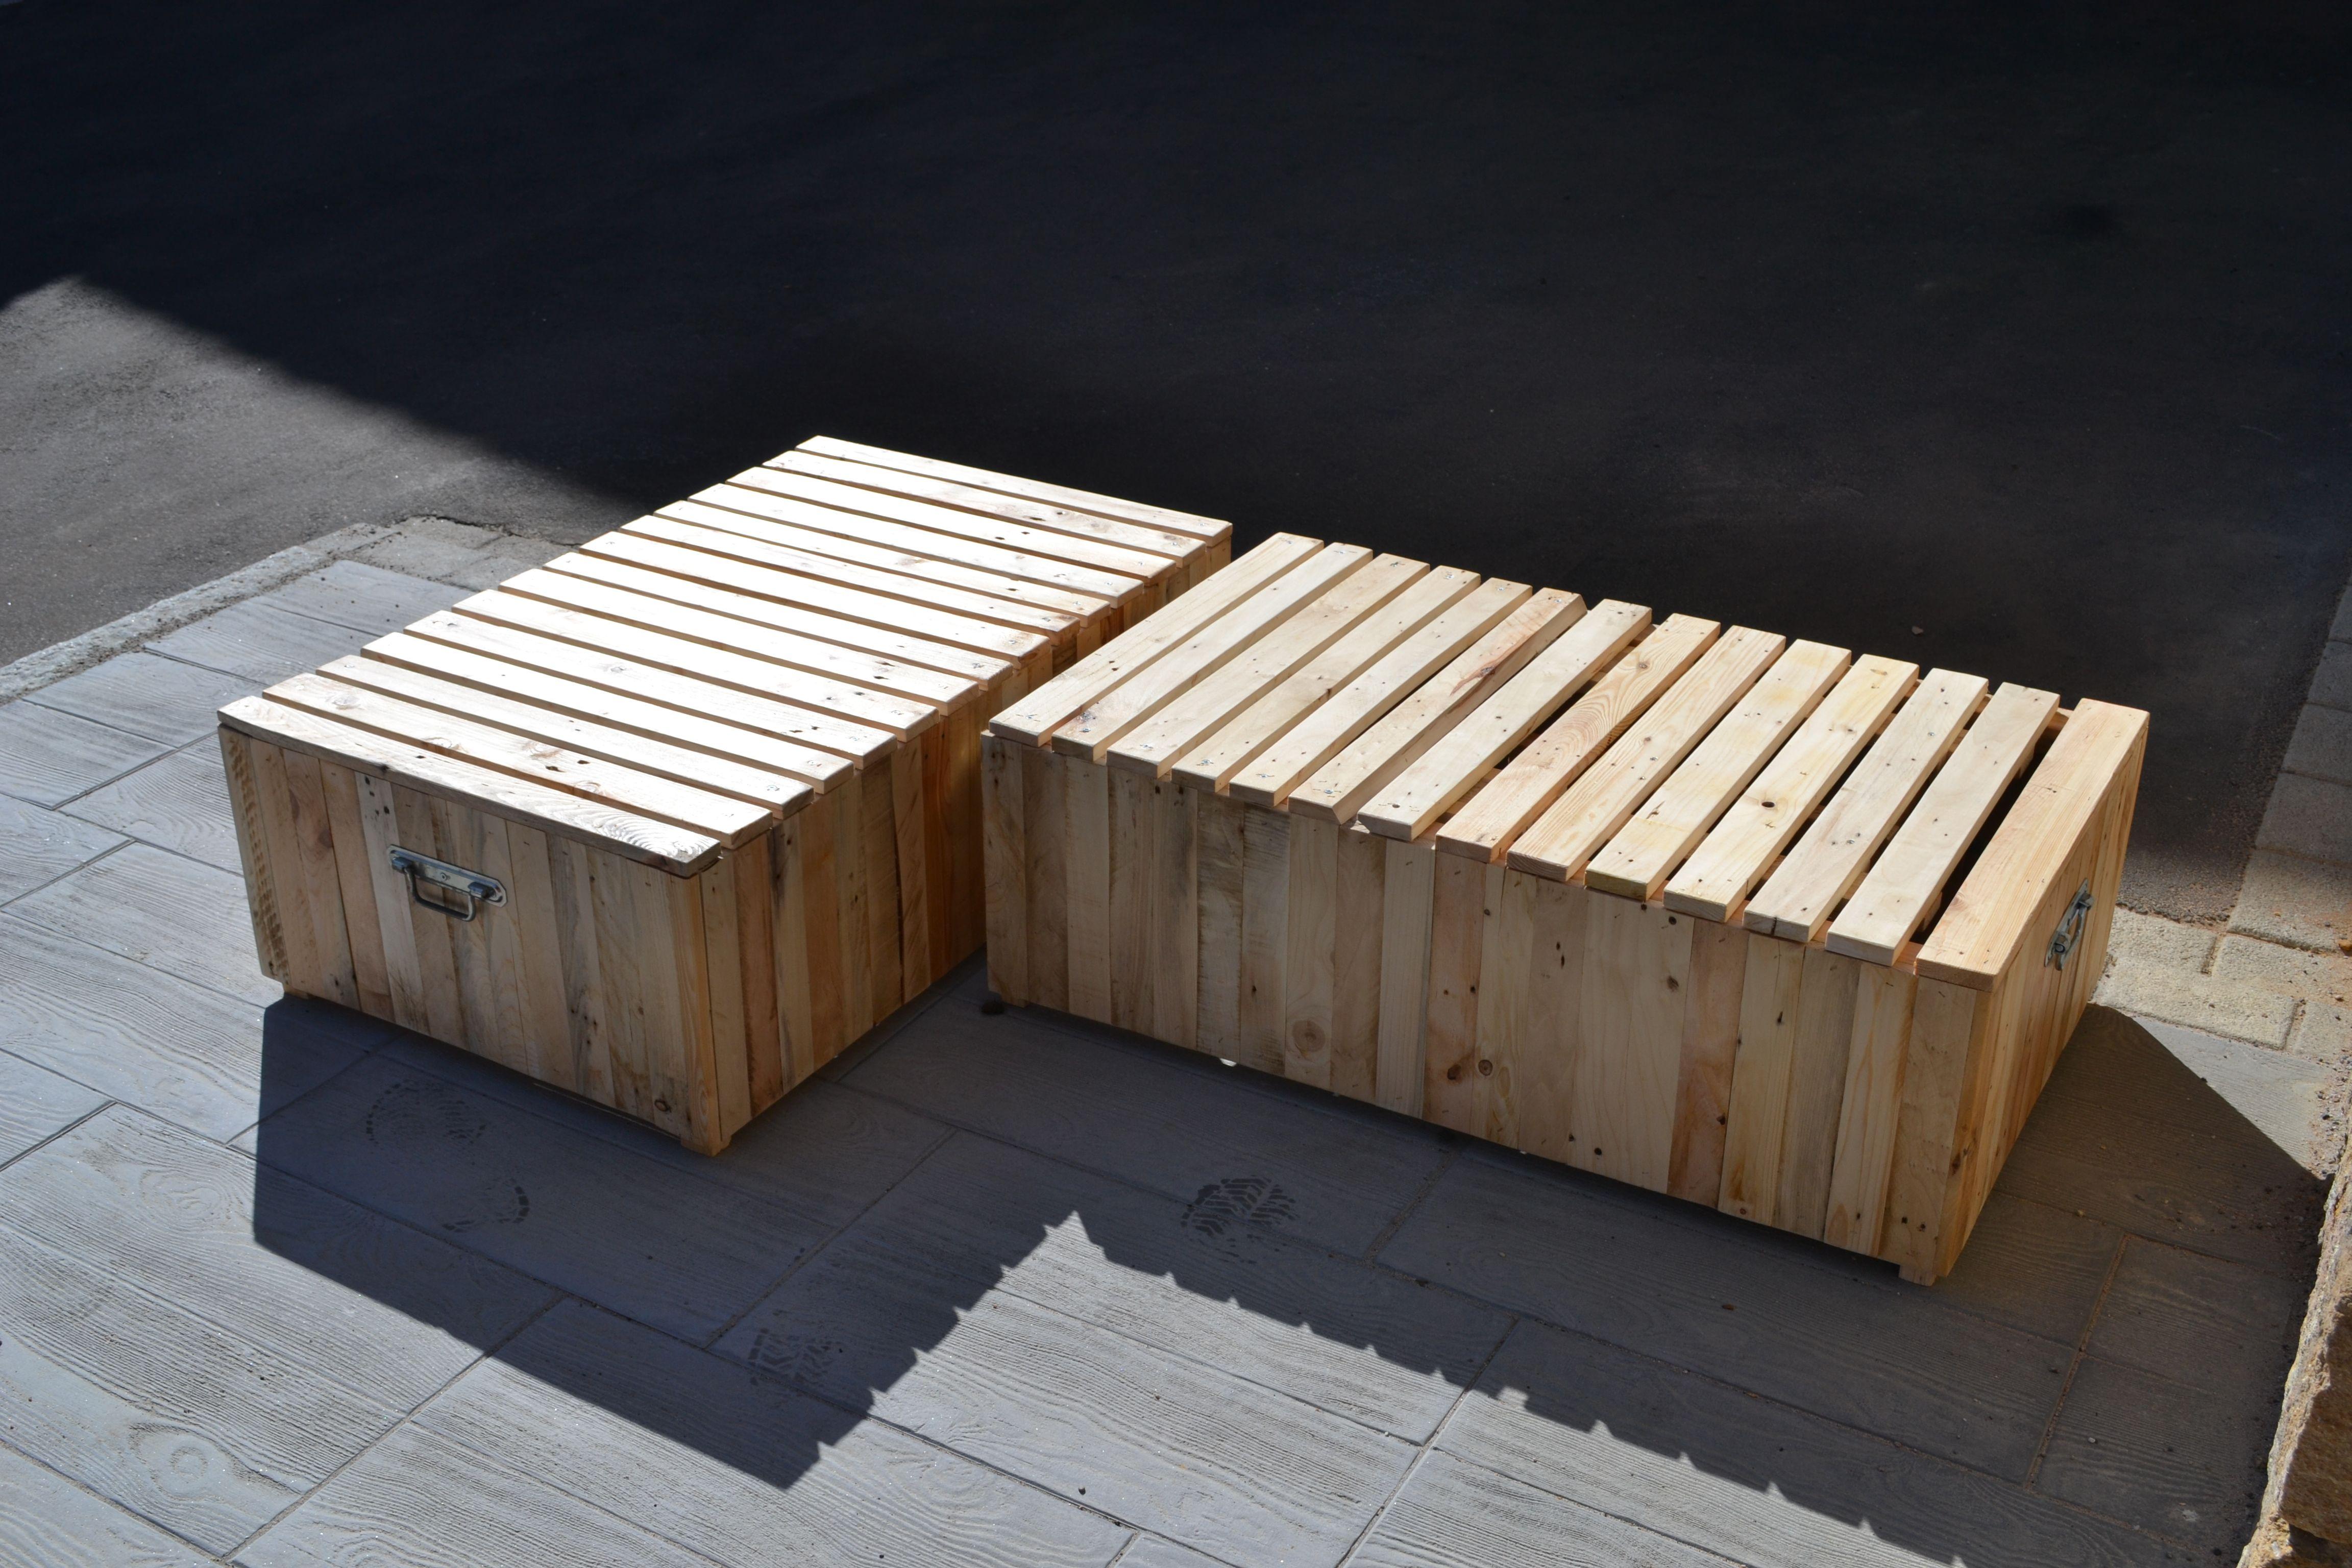 bain de soleil modulable l 39 avenir est dans la palette mobilier de salon bain de soleil et. Black Bedroom Furniture Sets. Home Design Ideas